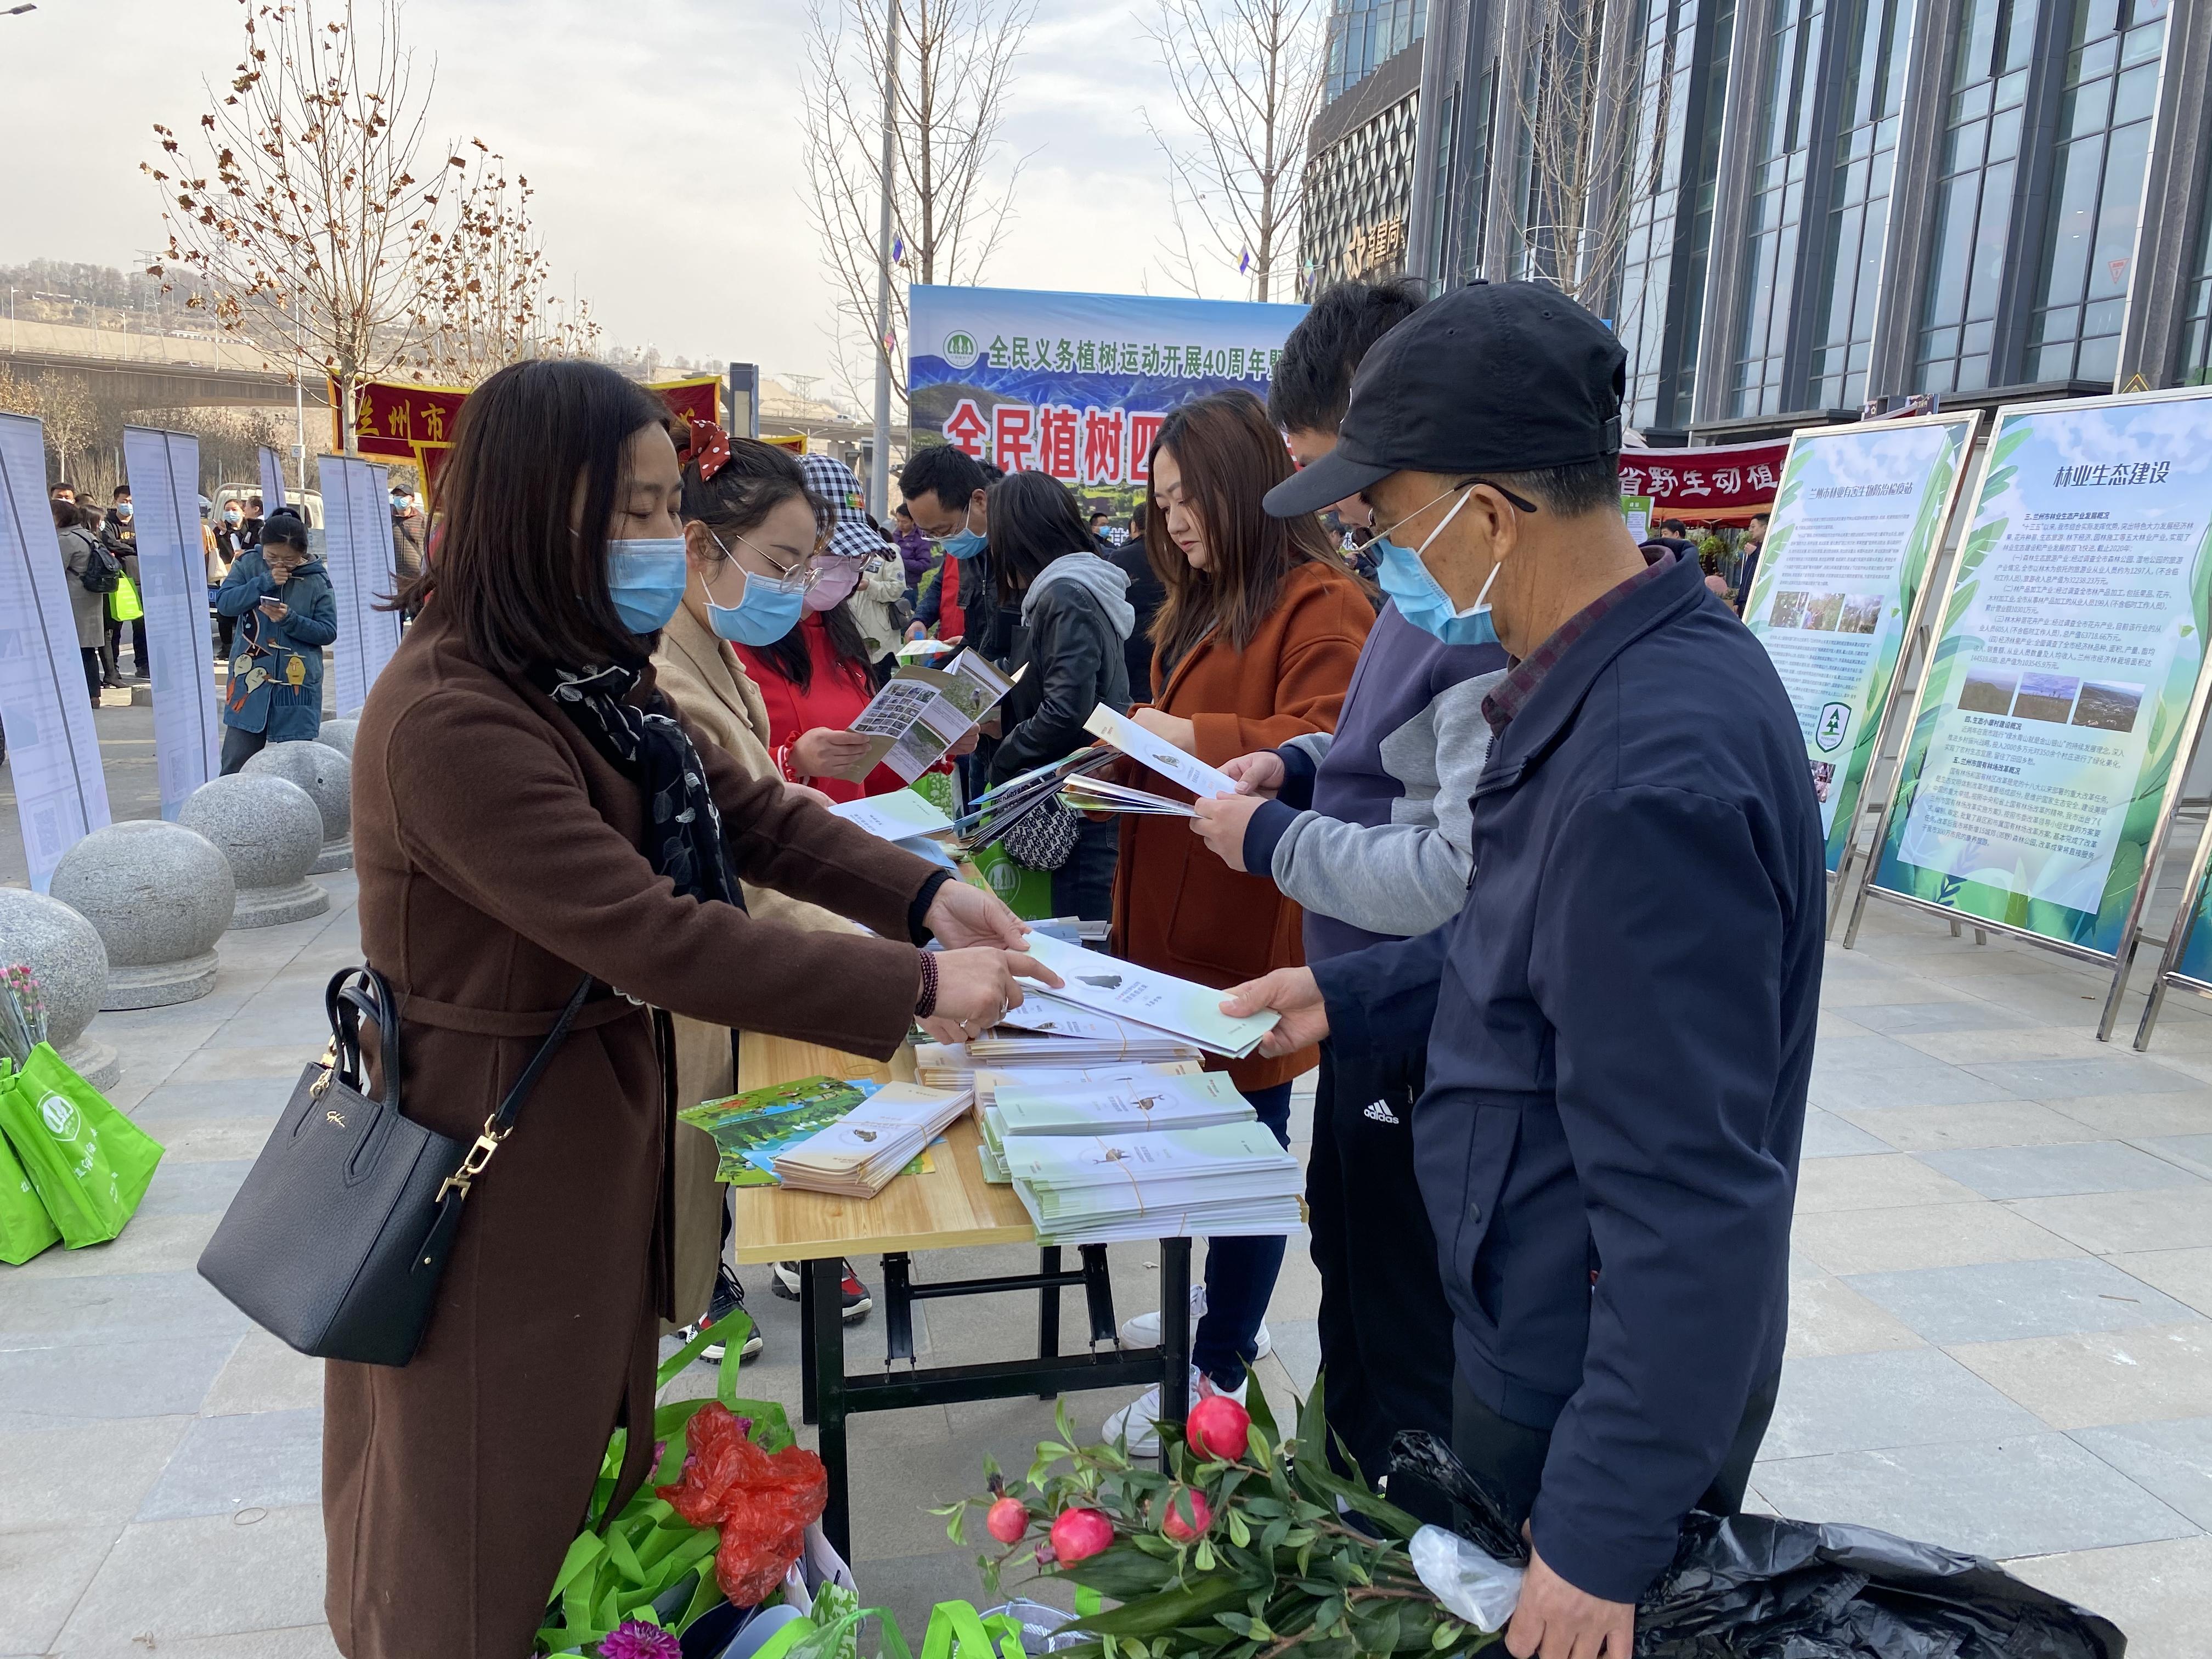 甘肃省林业和草原局发放宣传材料